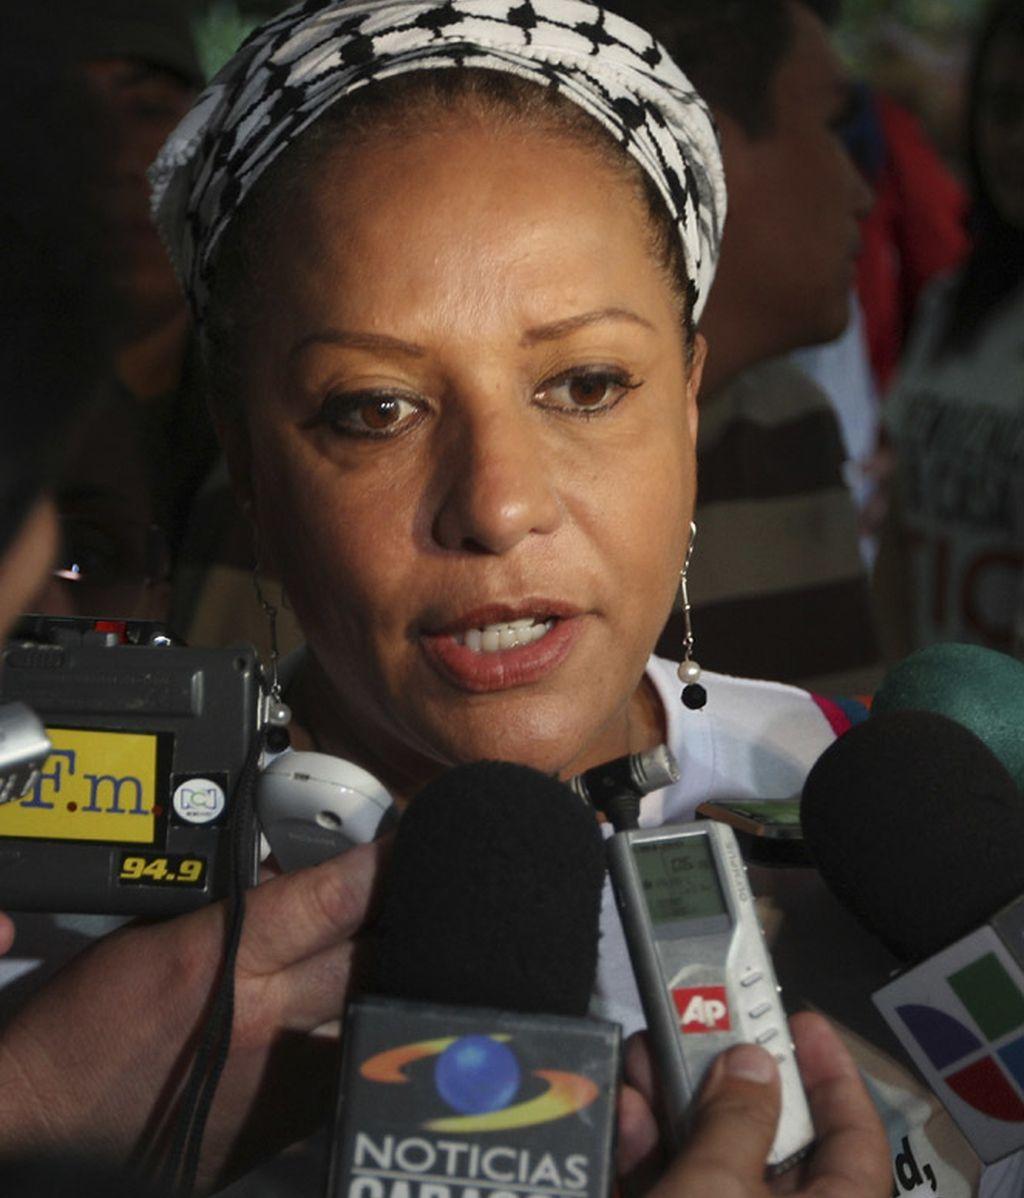 La senadora Piedad Córdoba